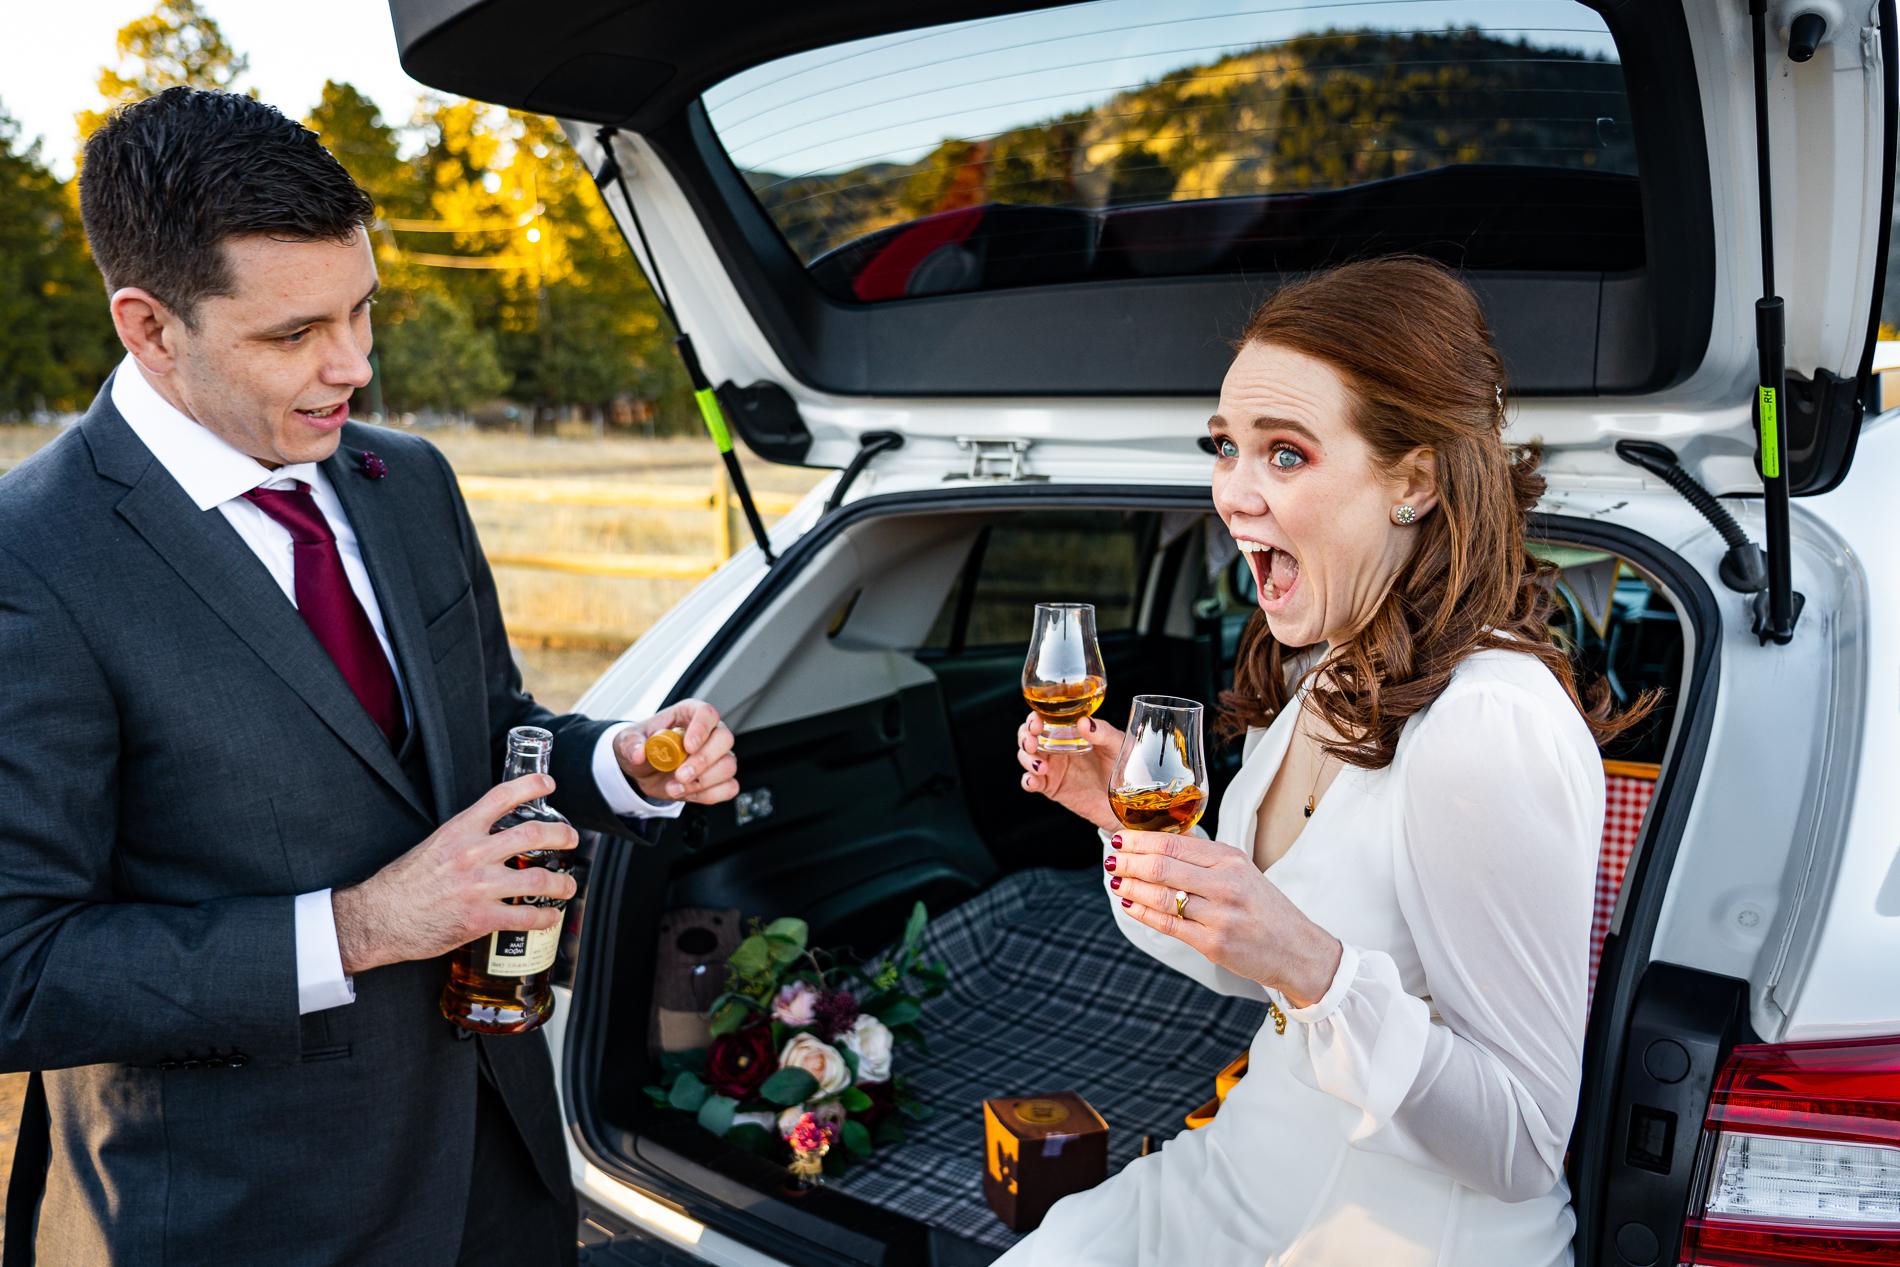 Colorado Elopement Couple | De retour à leur voiture, ils avaient prévu un mini pique-nique pour les jeunes mariés